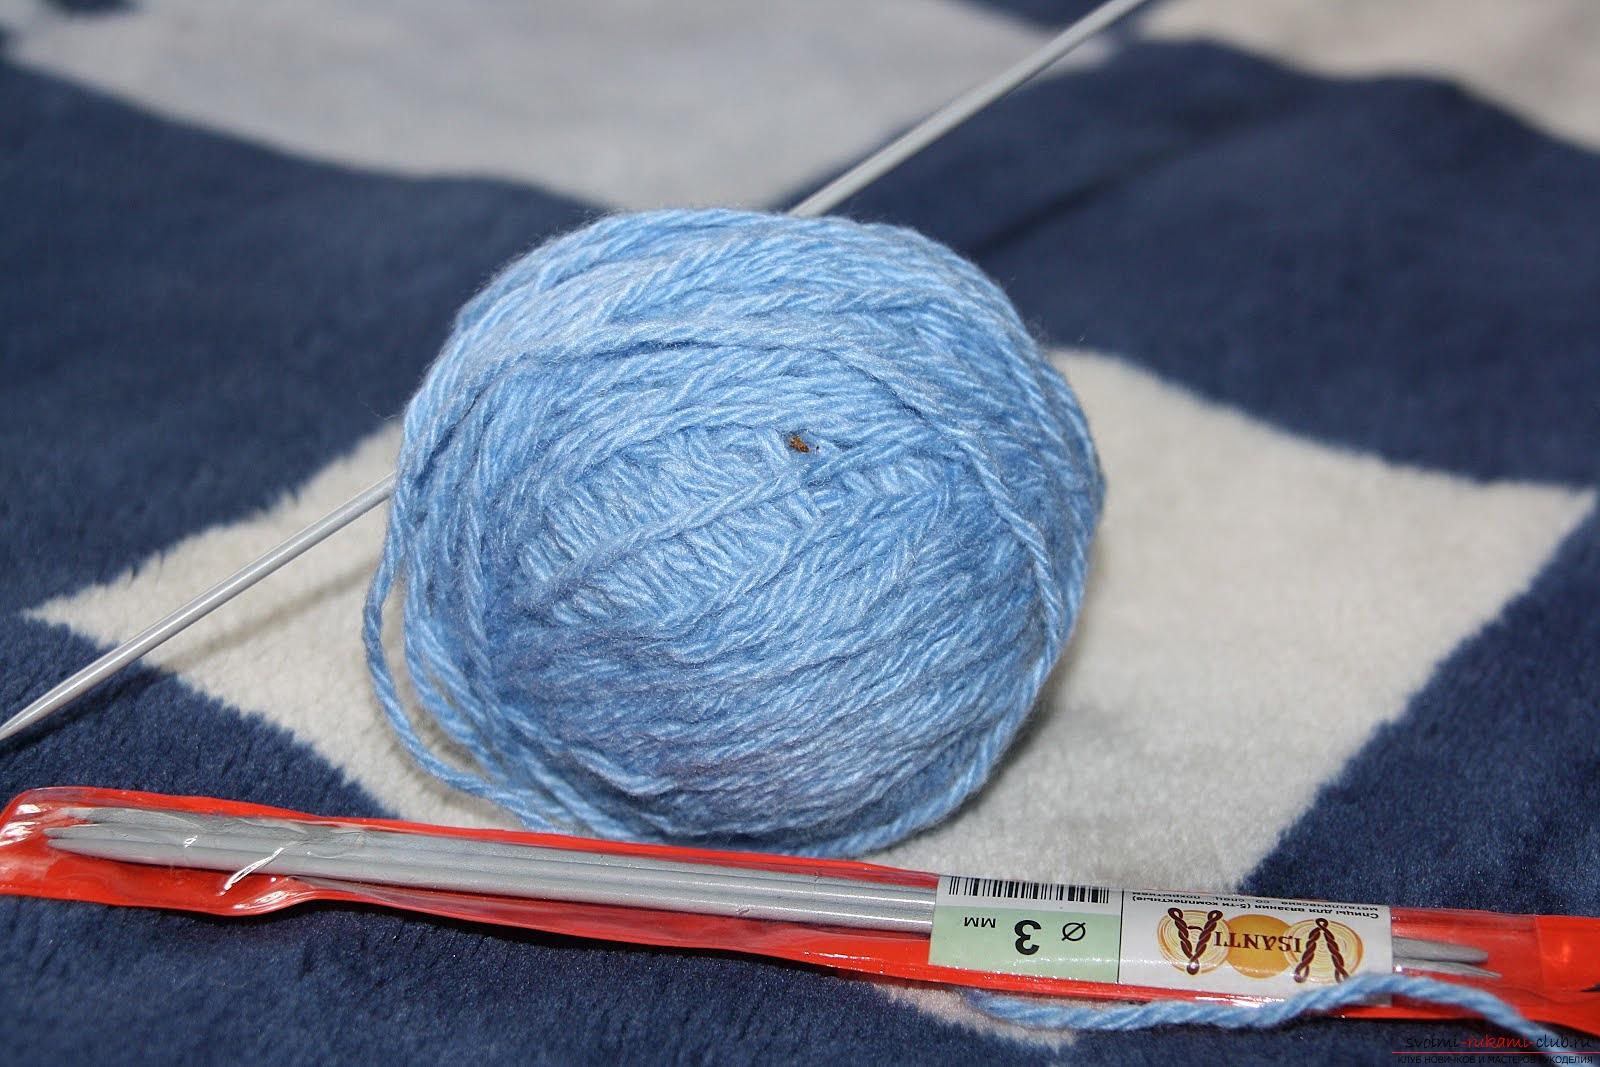 Вяжем теплые носочки для ребенка. Мастер-класс для начинающих рукодельниц с фото. Фото №2